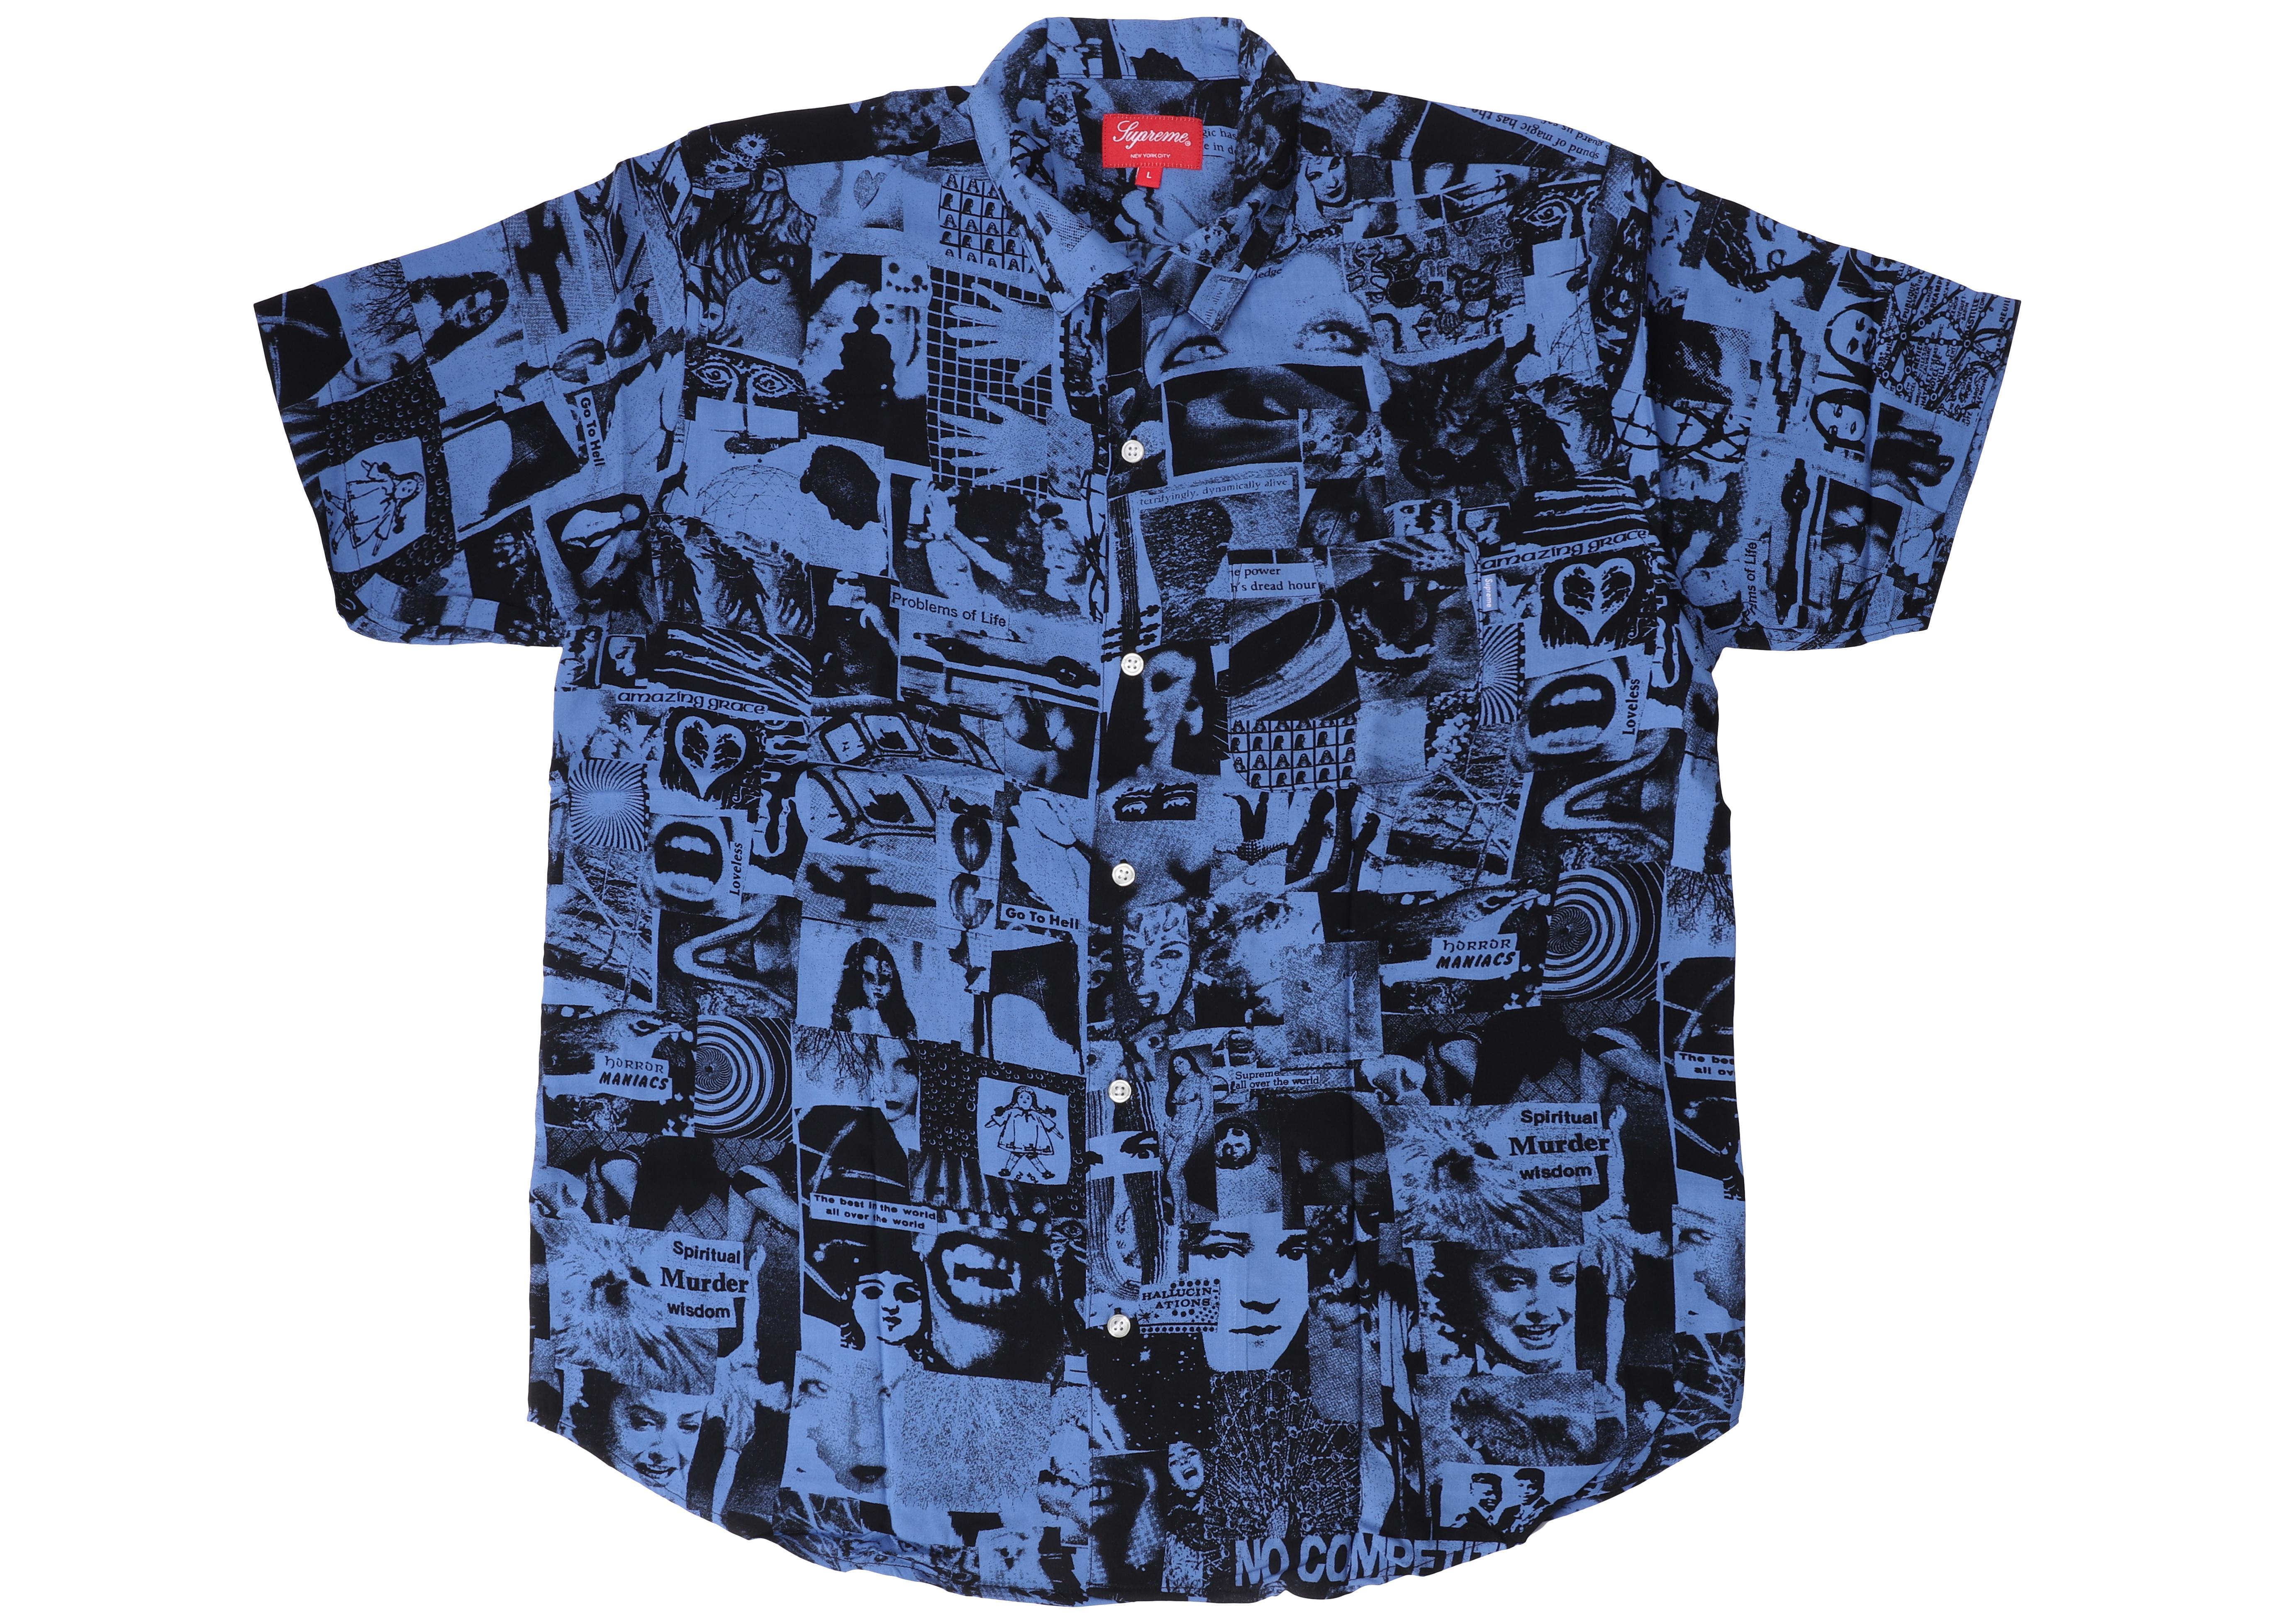 bd52999a1501 Supreme - Blue Vibrations Rayon Shirt Royal for Men - Lyst. View fullscreen